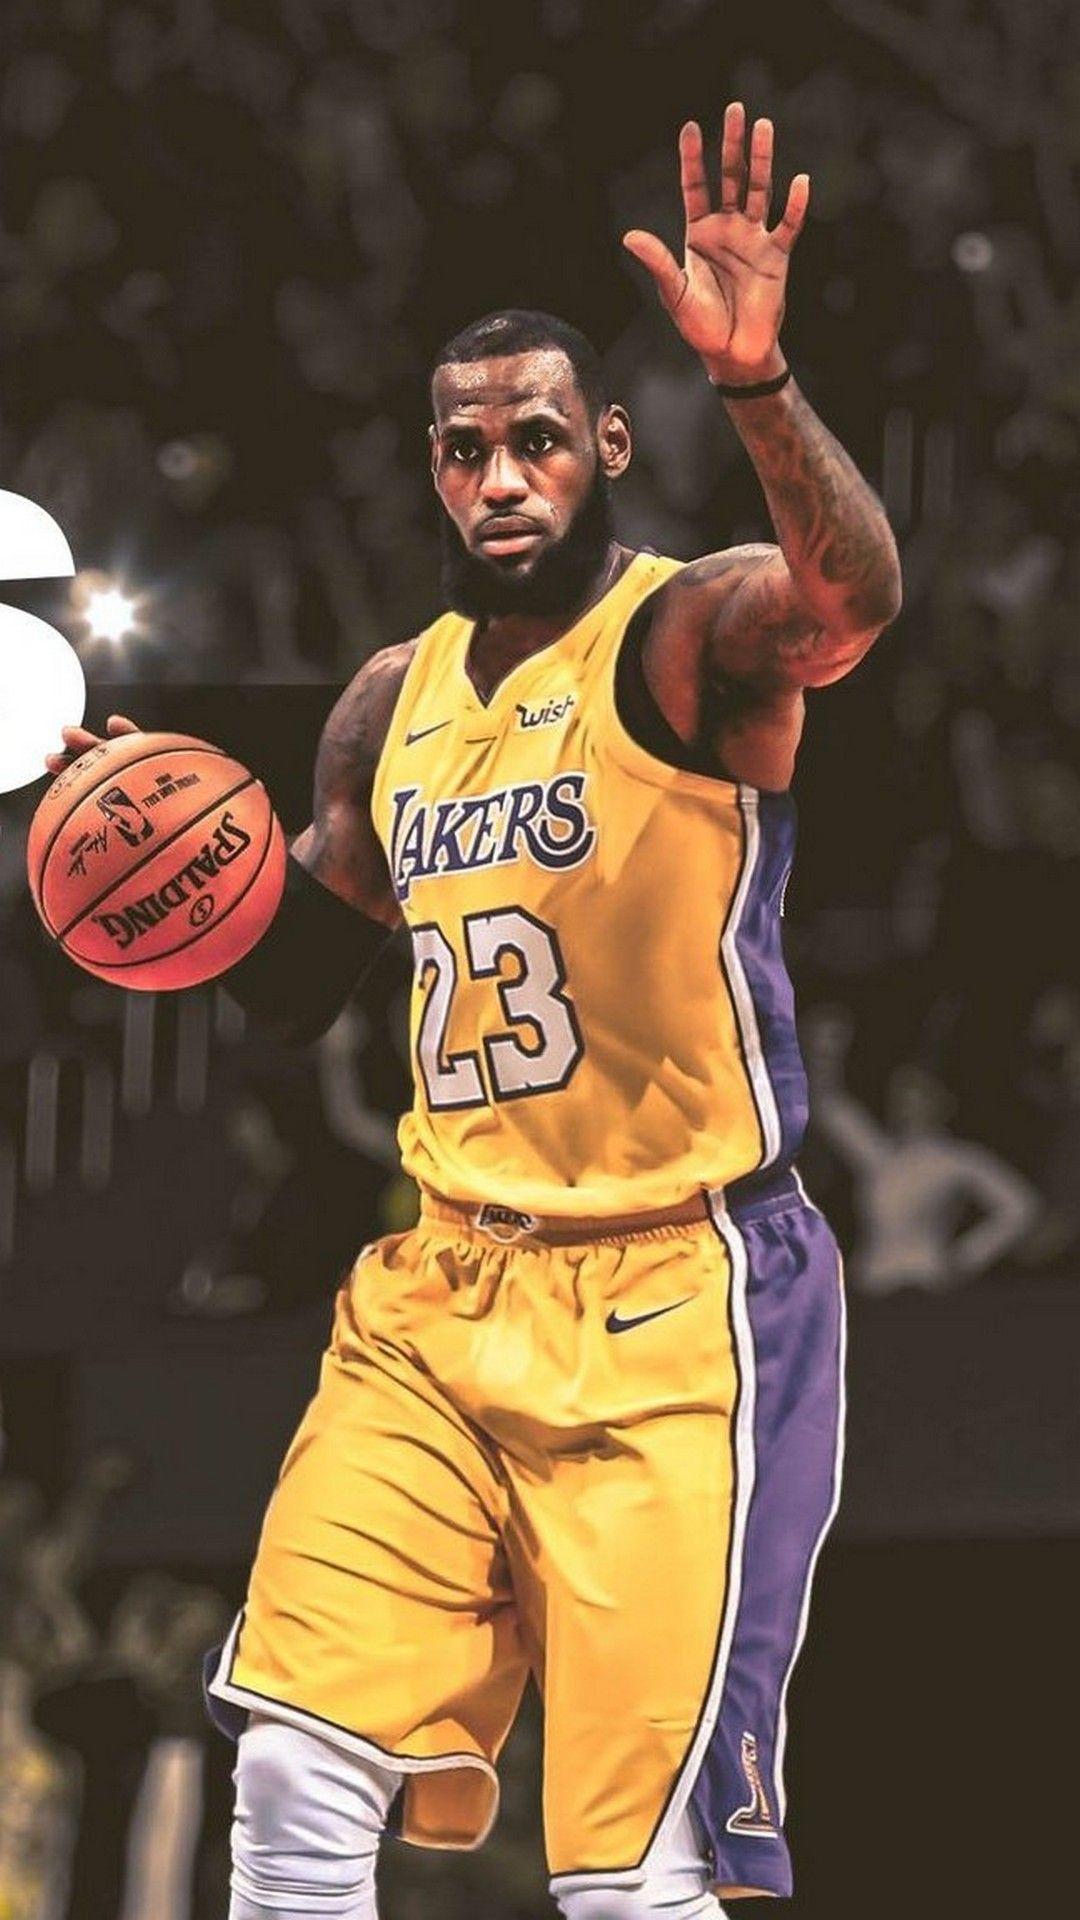 Lakers Lakersfans LFGANG WWLG4L NBA Ball Basketball